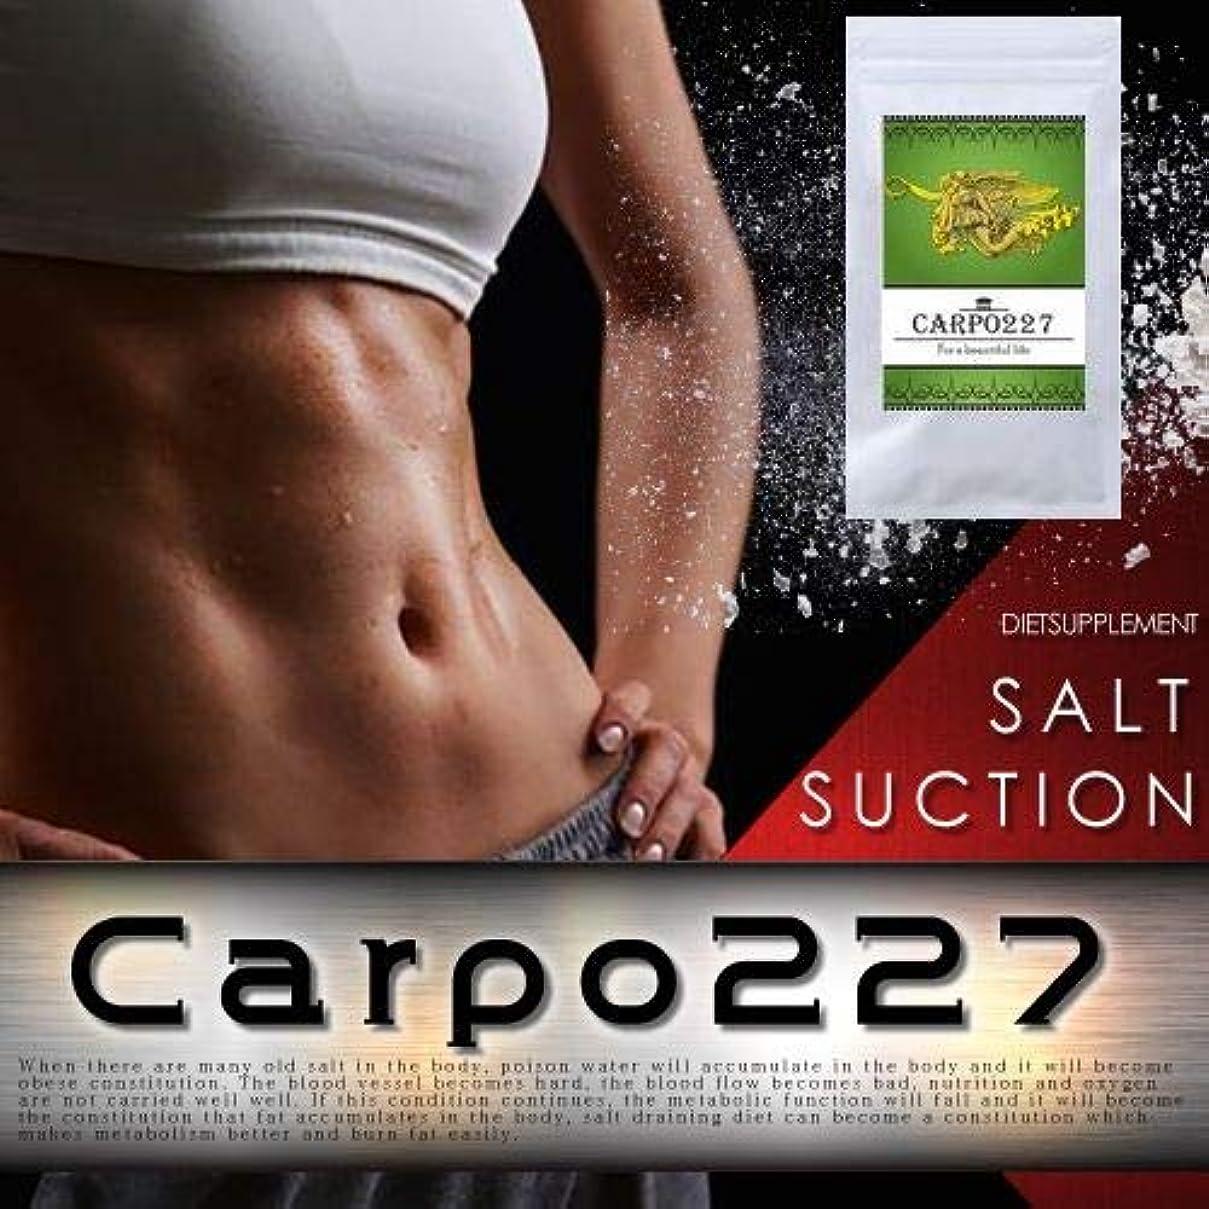 フィード投げる到着Carpo227(カルポ227)